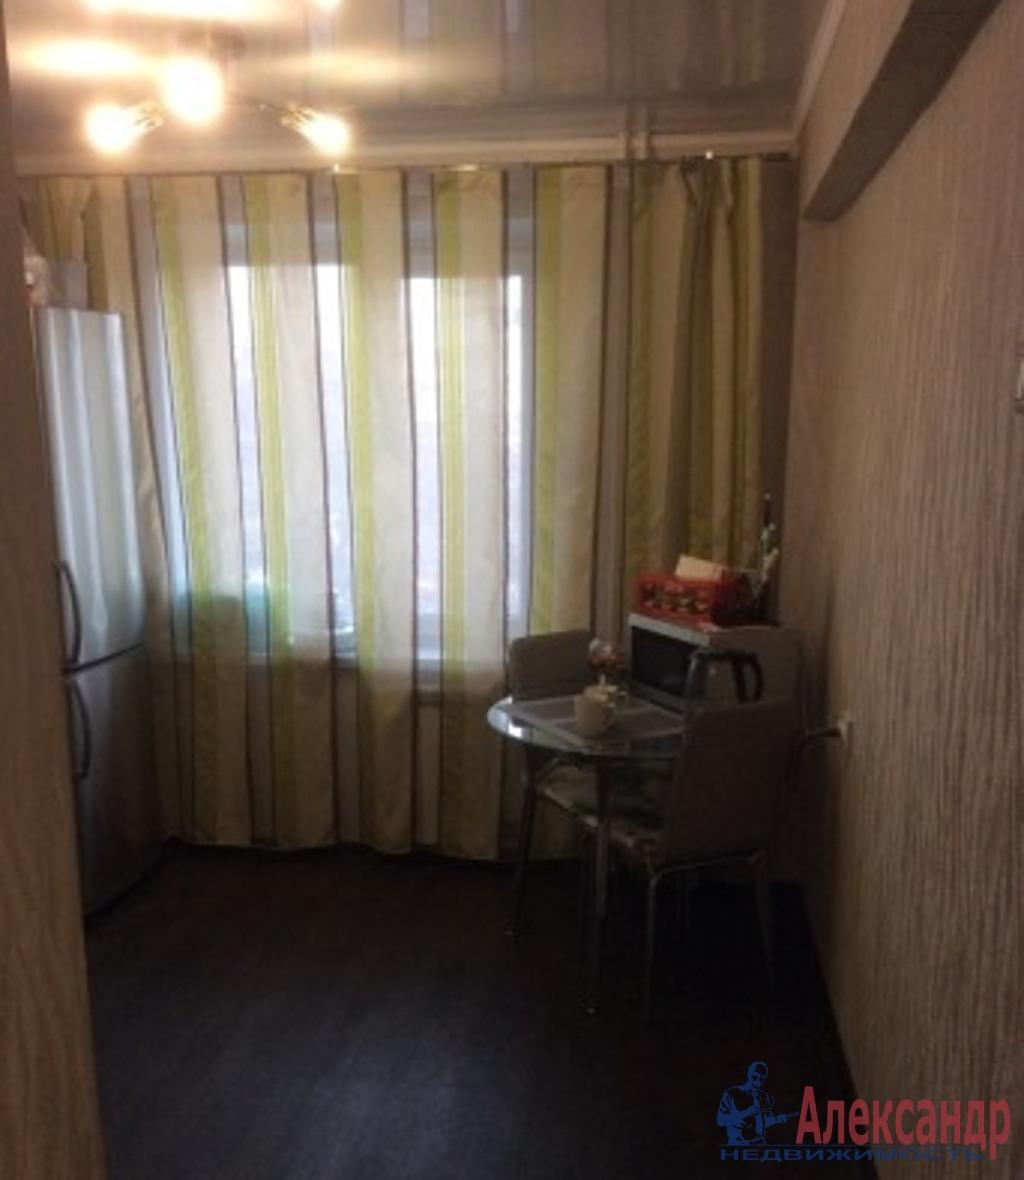 2-комнатная квартира (64м2) в аренду по адресу Камышовая ул., 4— фото 5 из 6